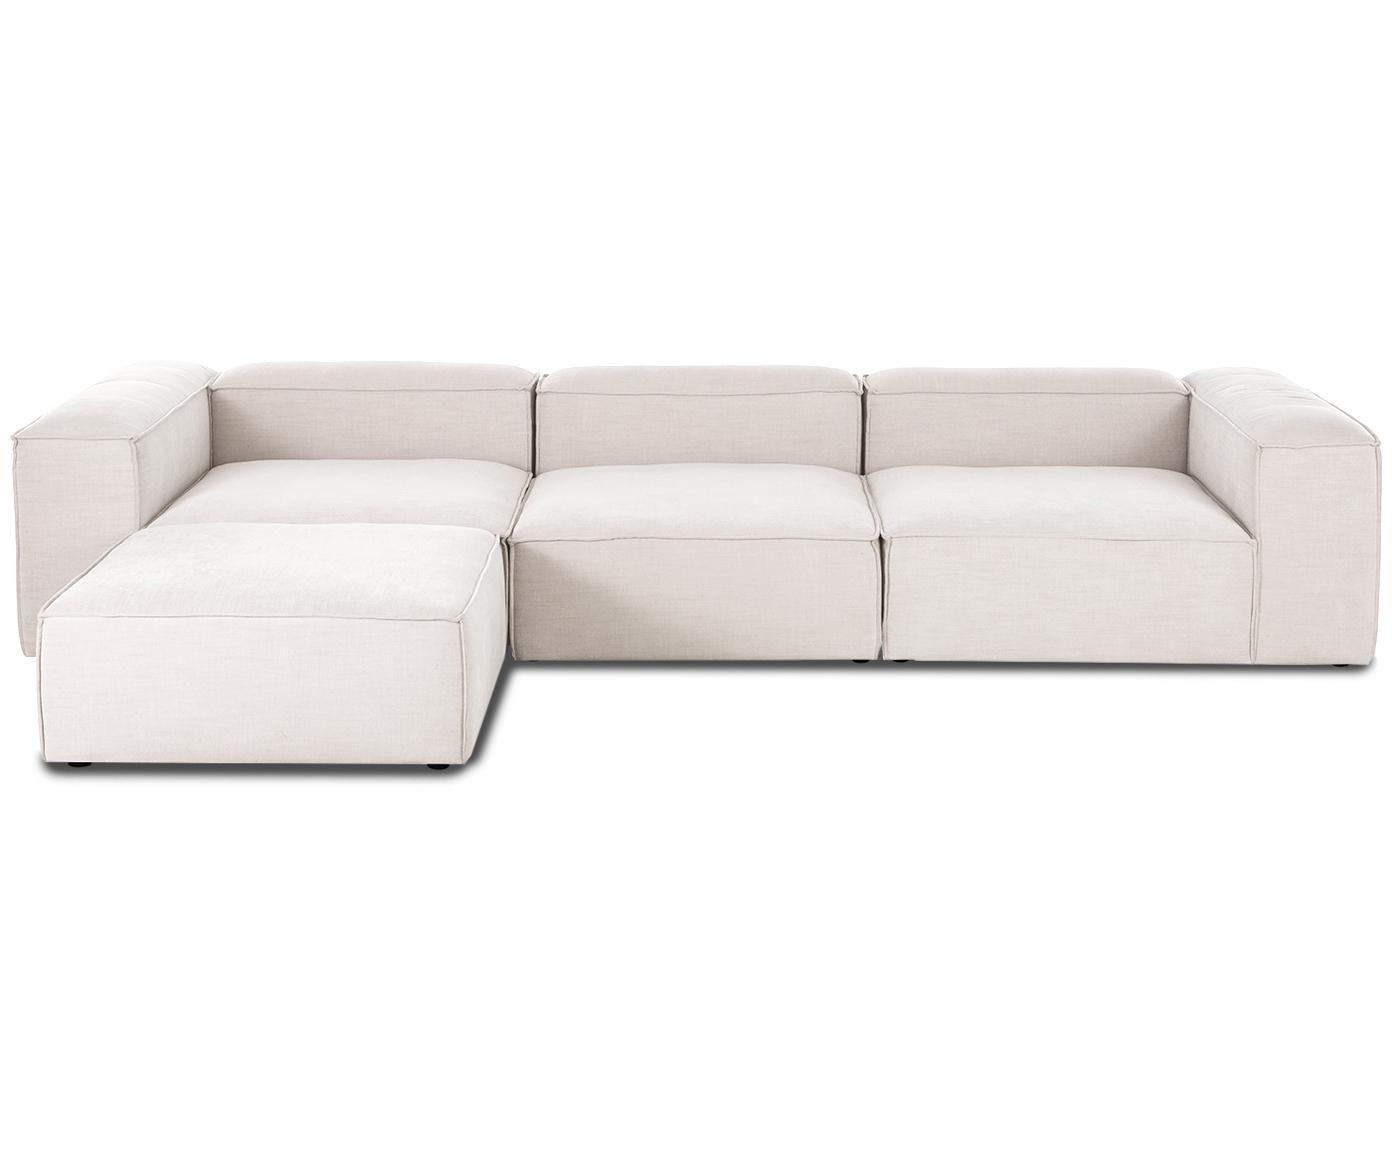 Canape D Angle Modulable Dossier Bas Lennon In 2020 Modulares Ecksofa Ecksofa Sofa